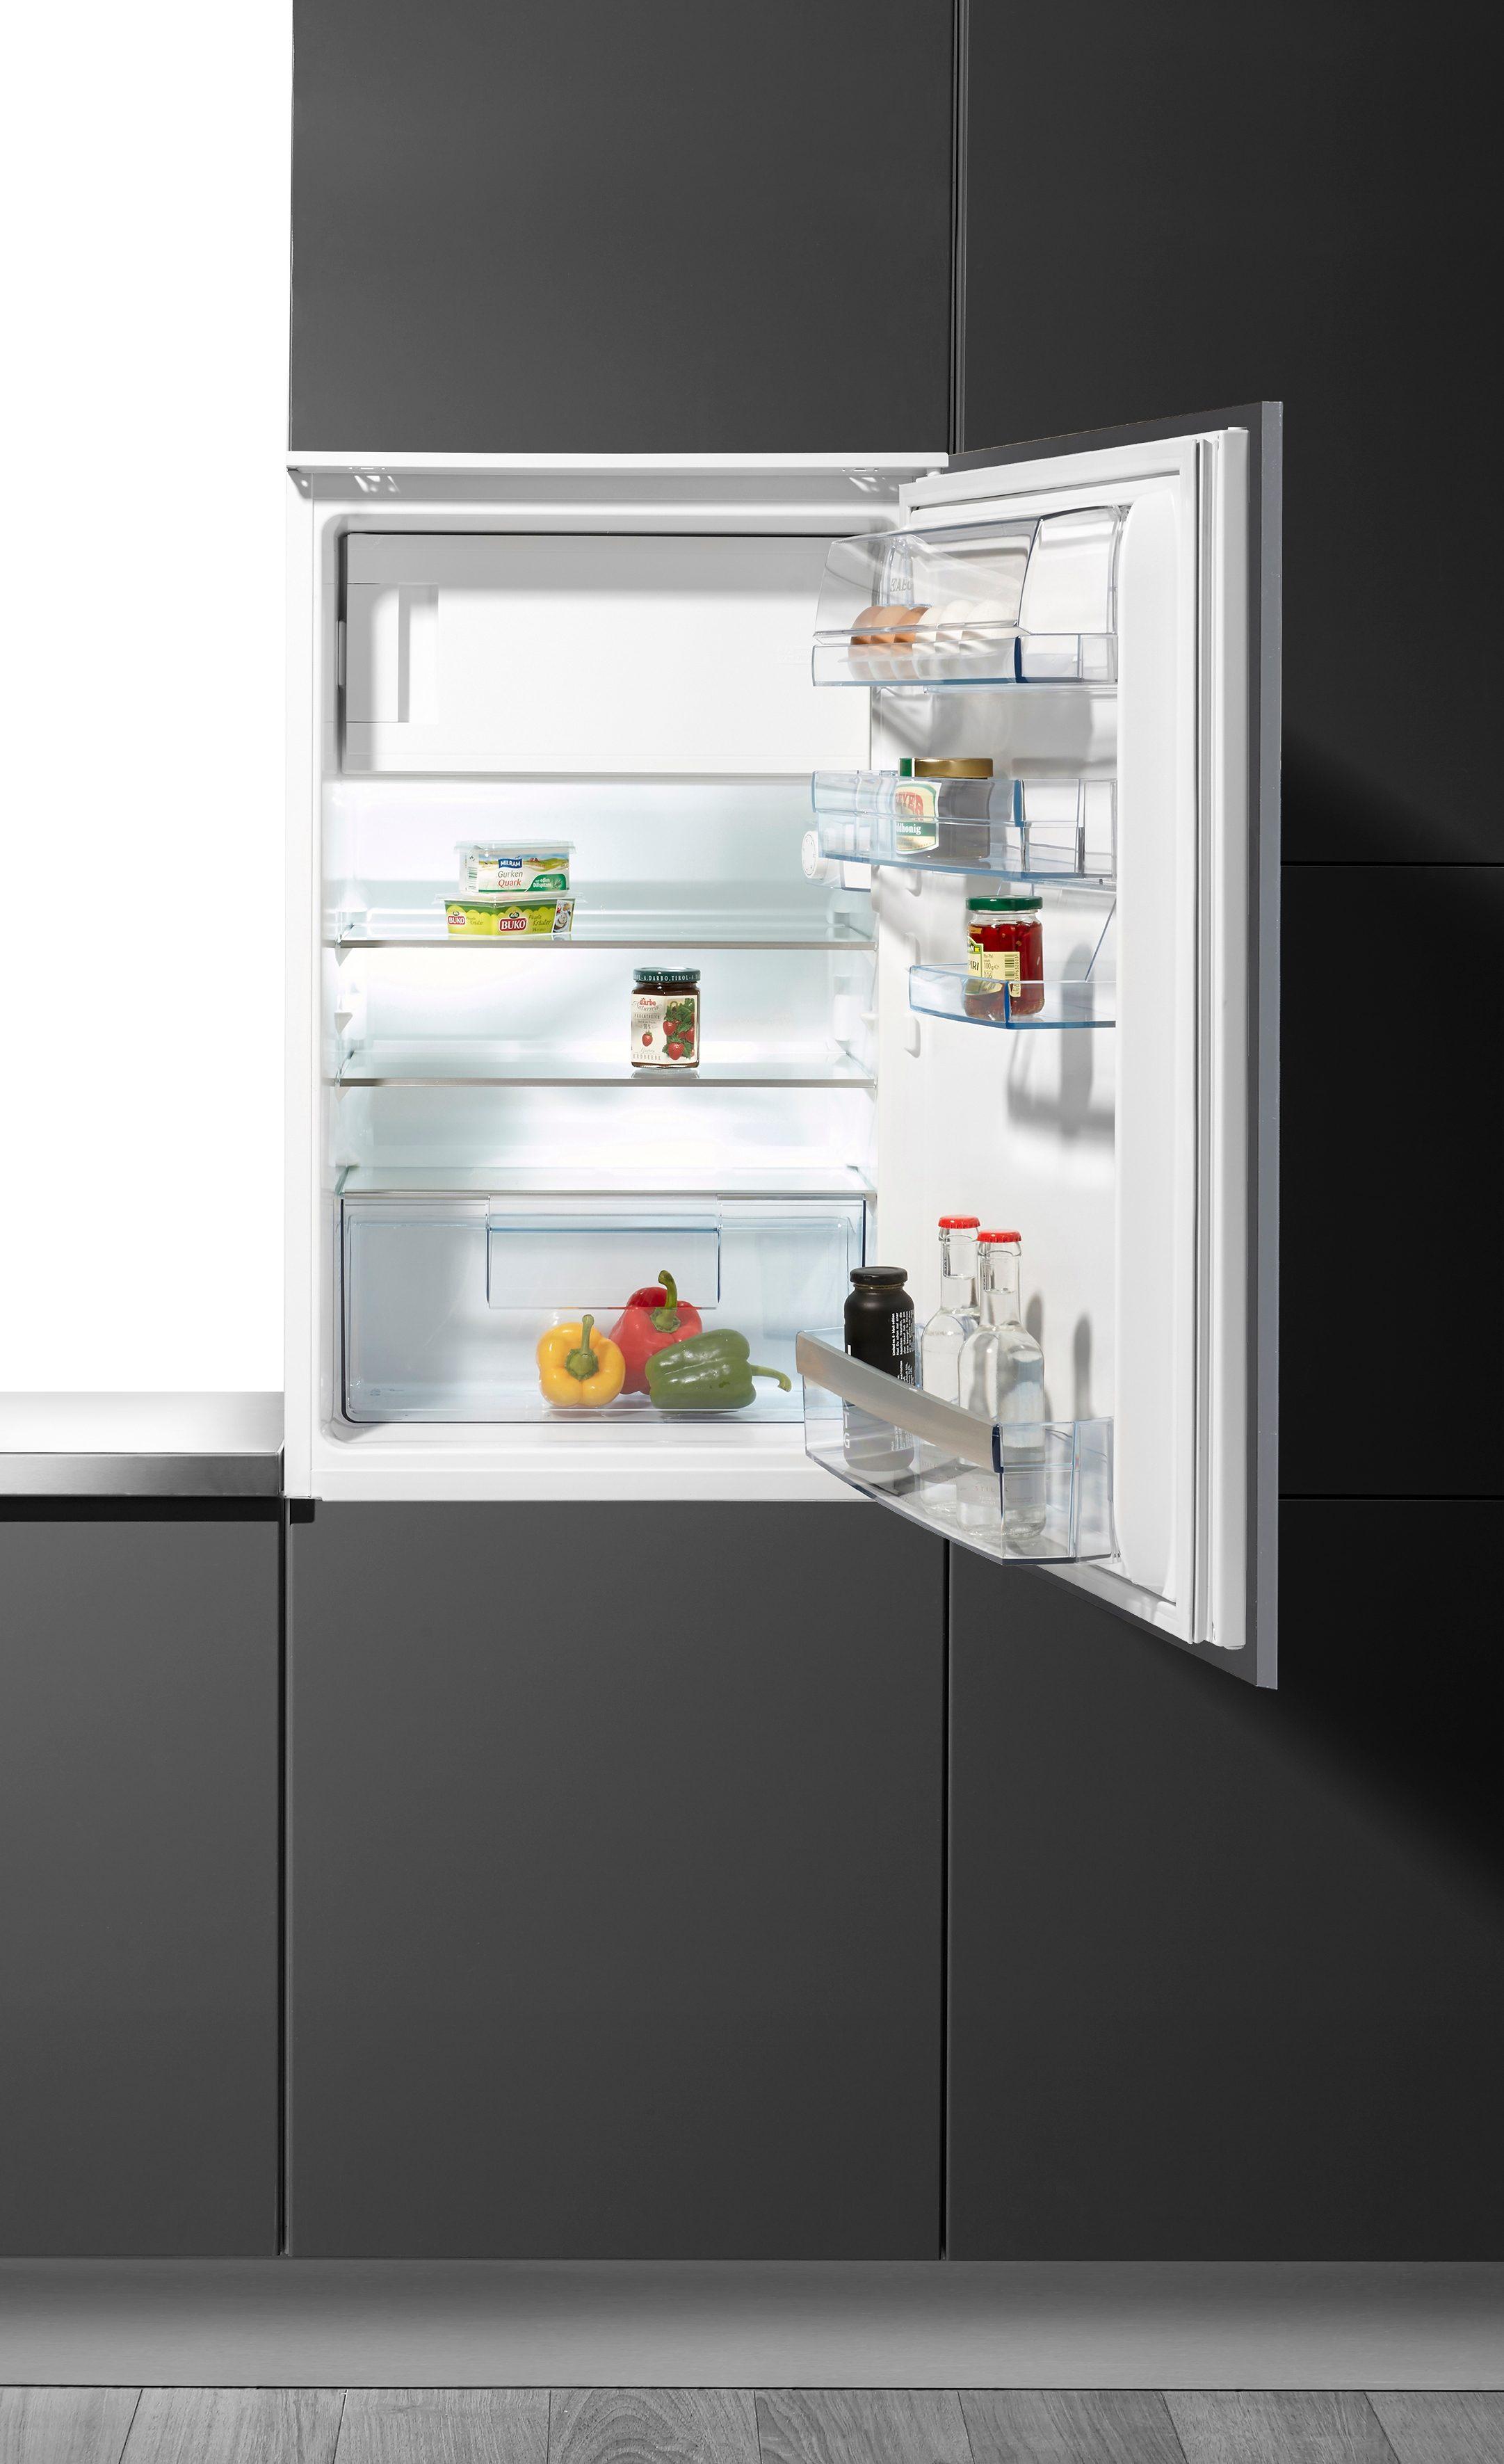 AEG integrierbarer Einbaukühlschrank SANTO / SKS58840S1, A+, 88,0 cm hoch